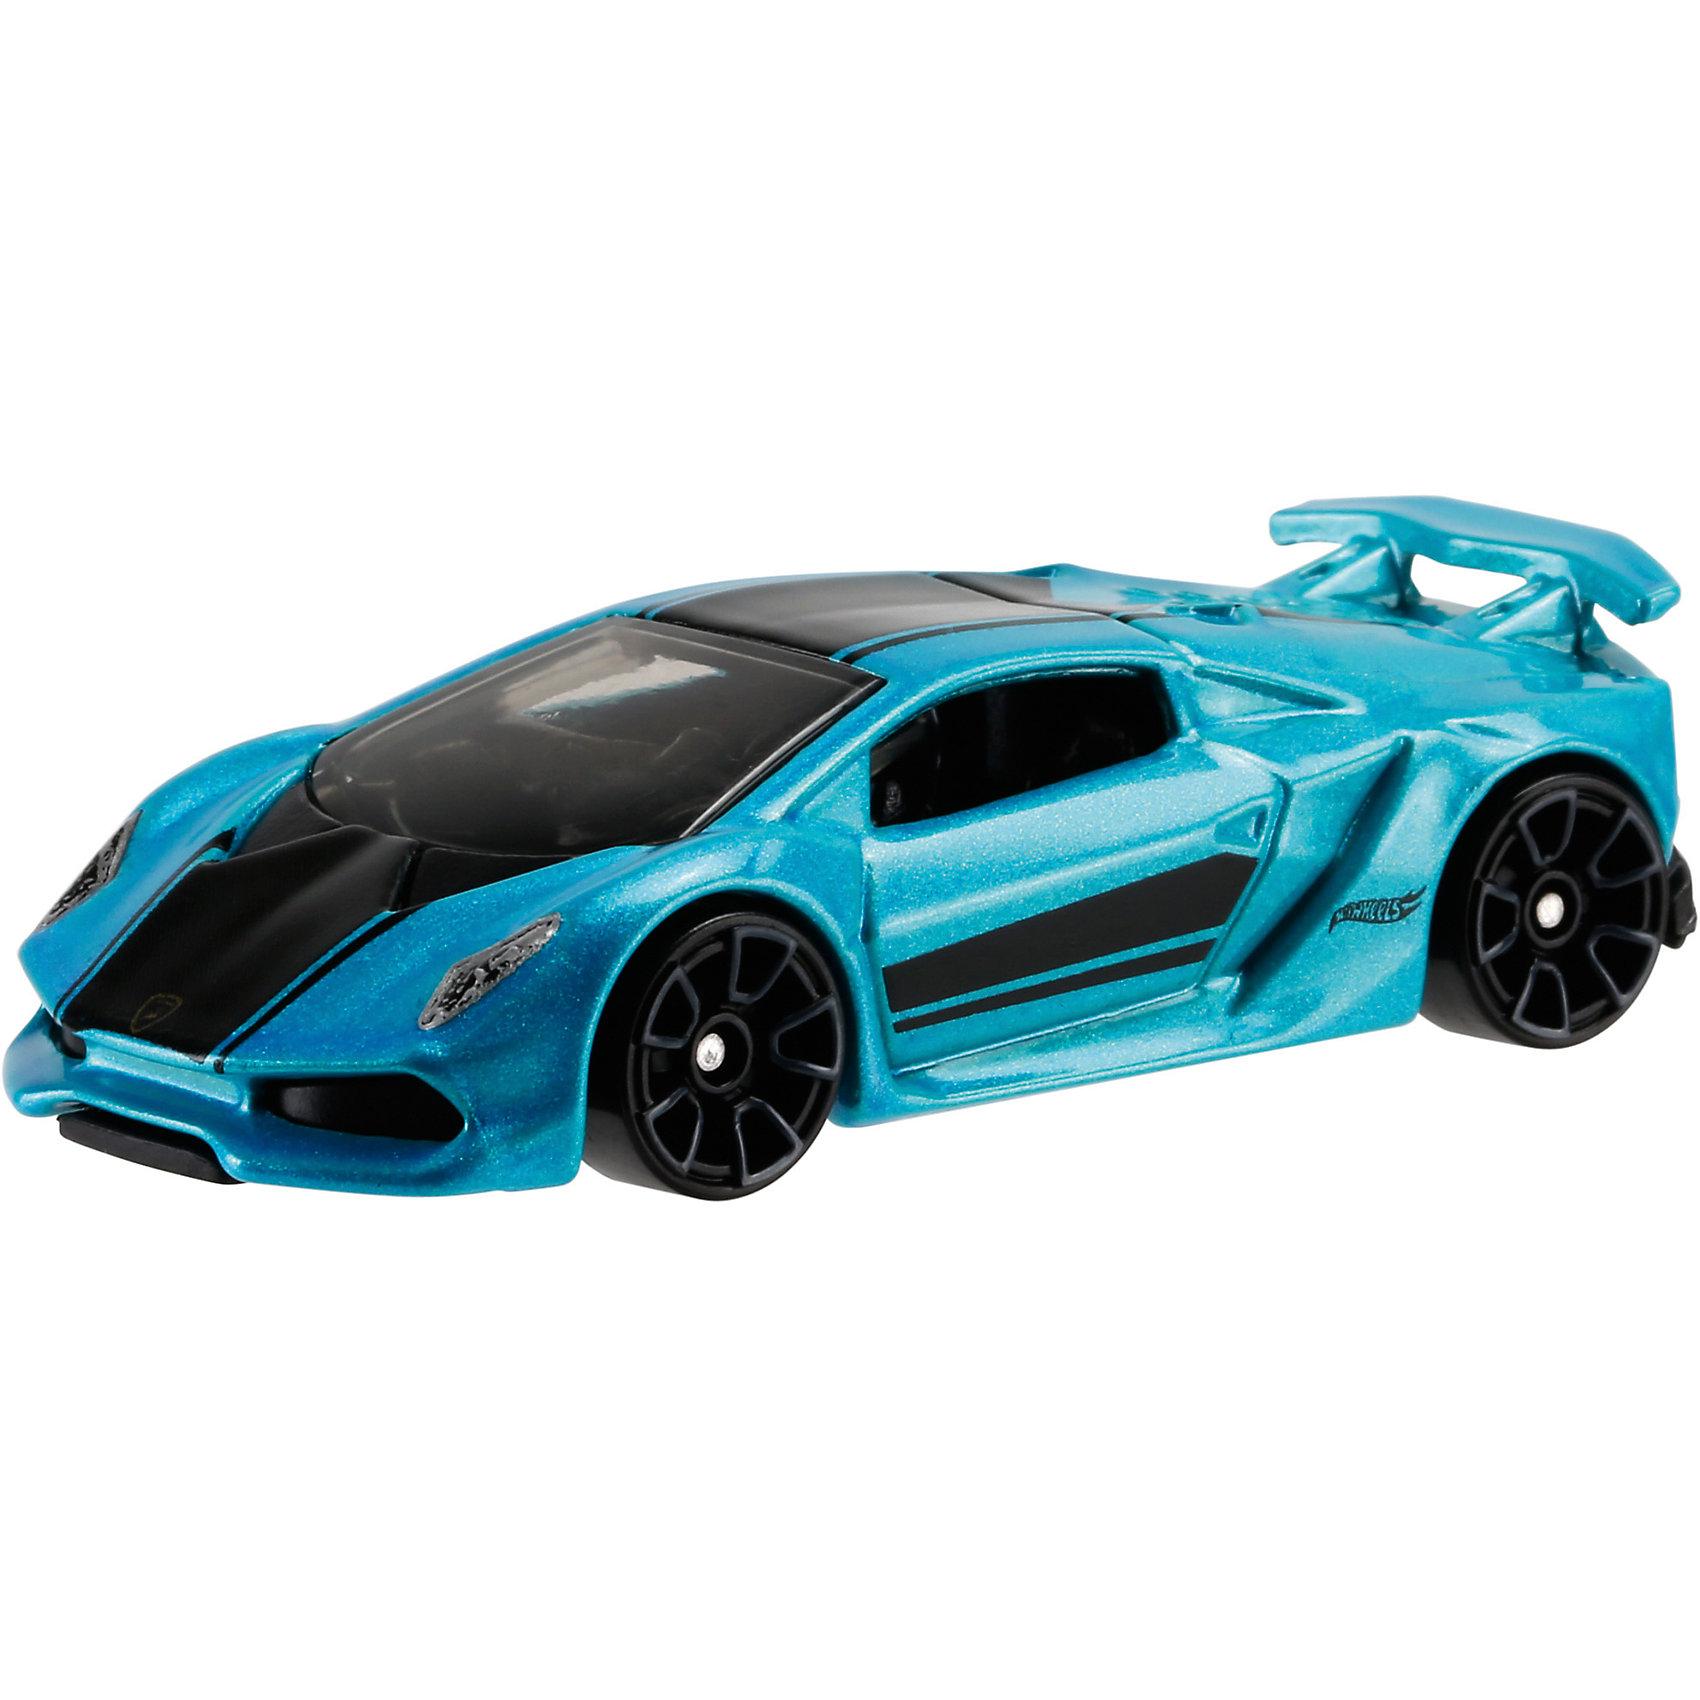 Машинка Hot Wheels из базовой коллекцииМашинка Hot Wheels из базовой коллекции – высококачественная масштабная модель машины, имеющая неординарный, радикальный дизайн. <br><br>В упаковке 1 машинка,  машинки тематически обусловлены от фантазийных, спасательных до экстремальных и просто скоростных машин. <br><br>Соберите свою коллекцию машинок Hot Wheels!<br><br>Дополнительная информация: <br><br>Машинка стандартного размера Hot Wheels<br>Размер упаковки: 11 х 10,5 х 3,5 см<br><br>Ширина мм: 110<br>Глубина мм: 45<br>Высота мм: 110<br>Вес г: 30<br>Возраст от месяцев: 36<br>Возраст до месяцев: 96<br>Пол: Мужской<br>Возраст: Детский<br>SKU: 4901461